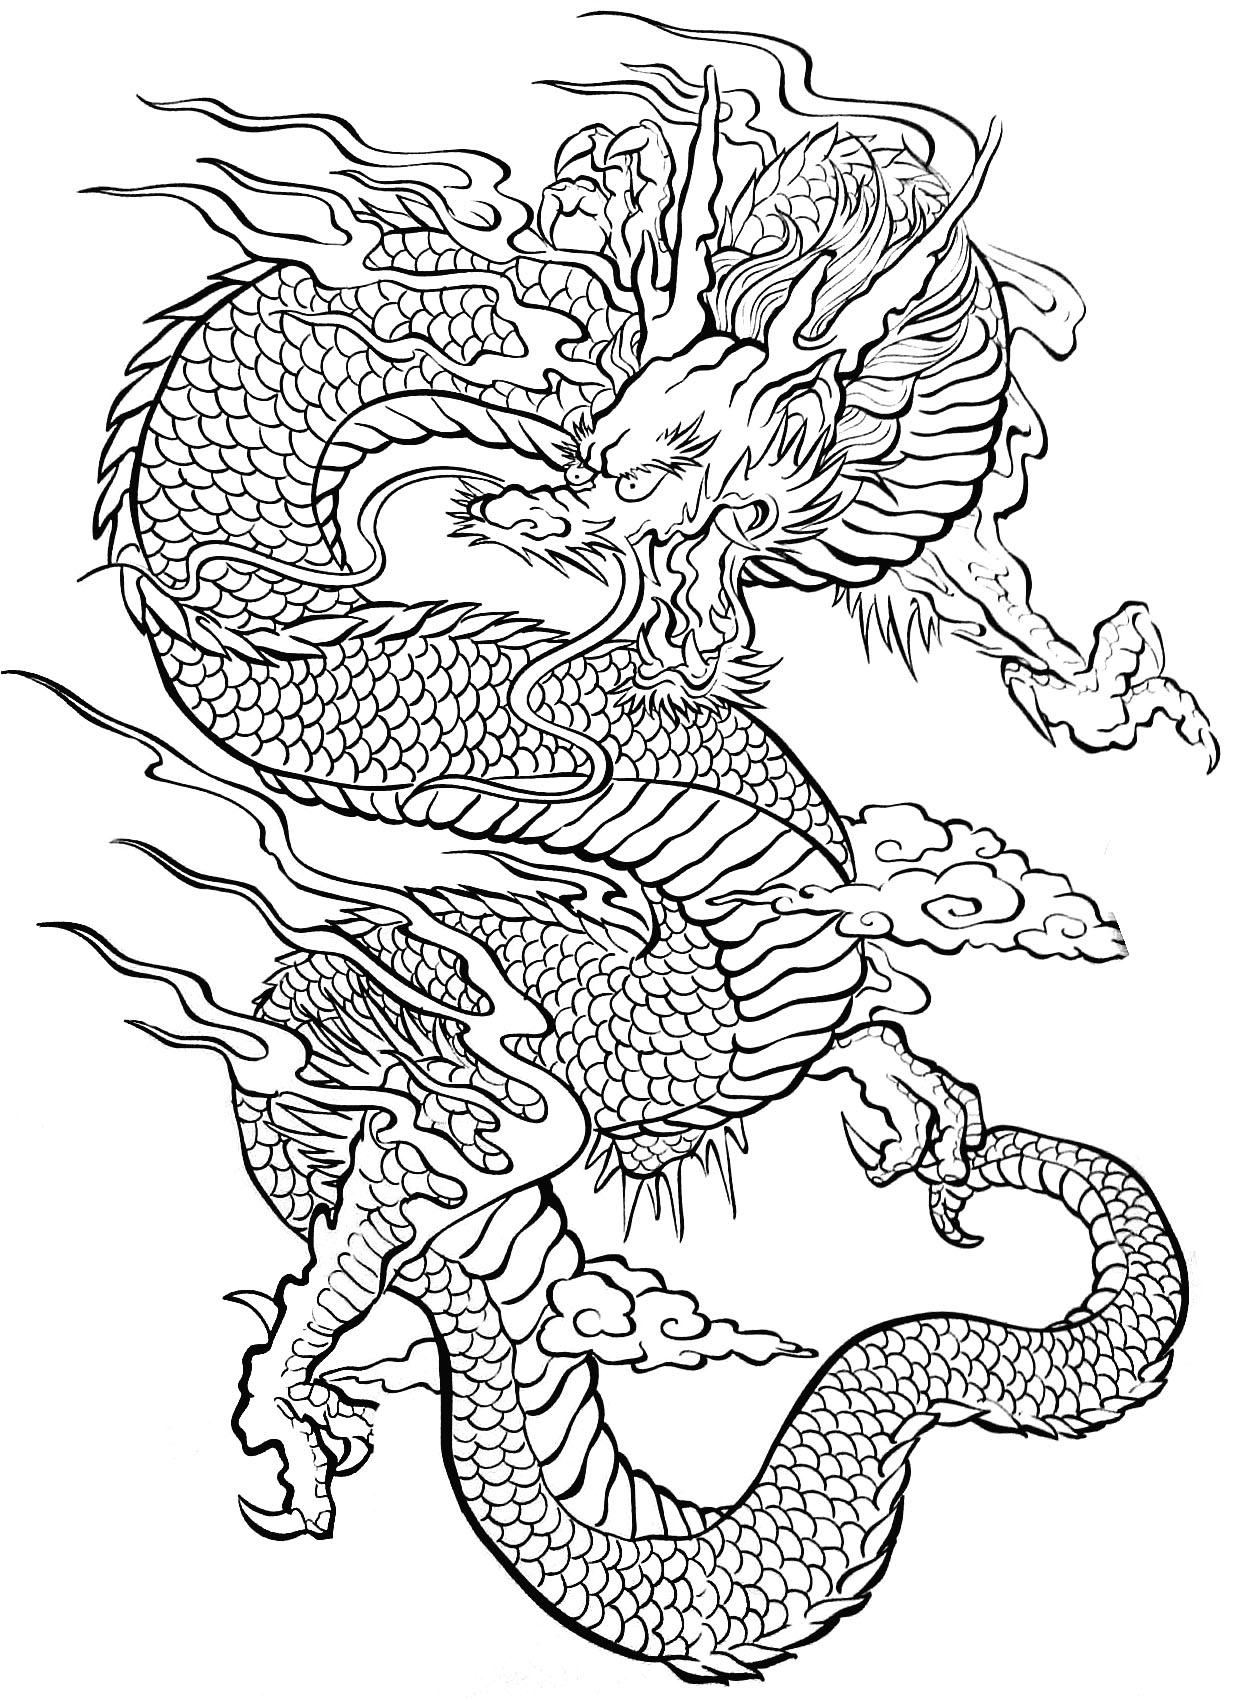 Disegni da colorare per adulti : Tatuaggi - 5